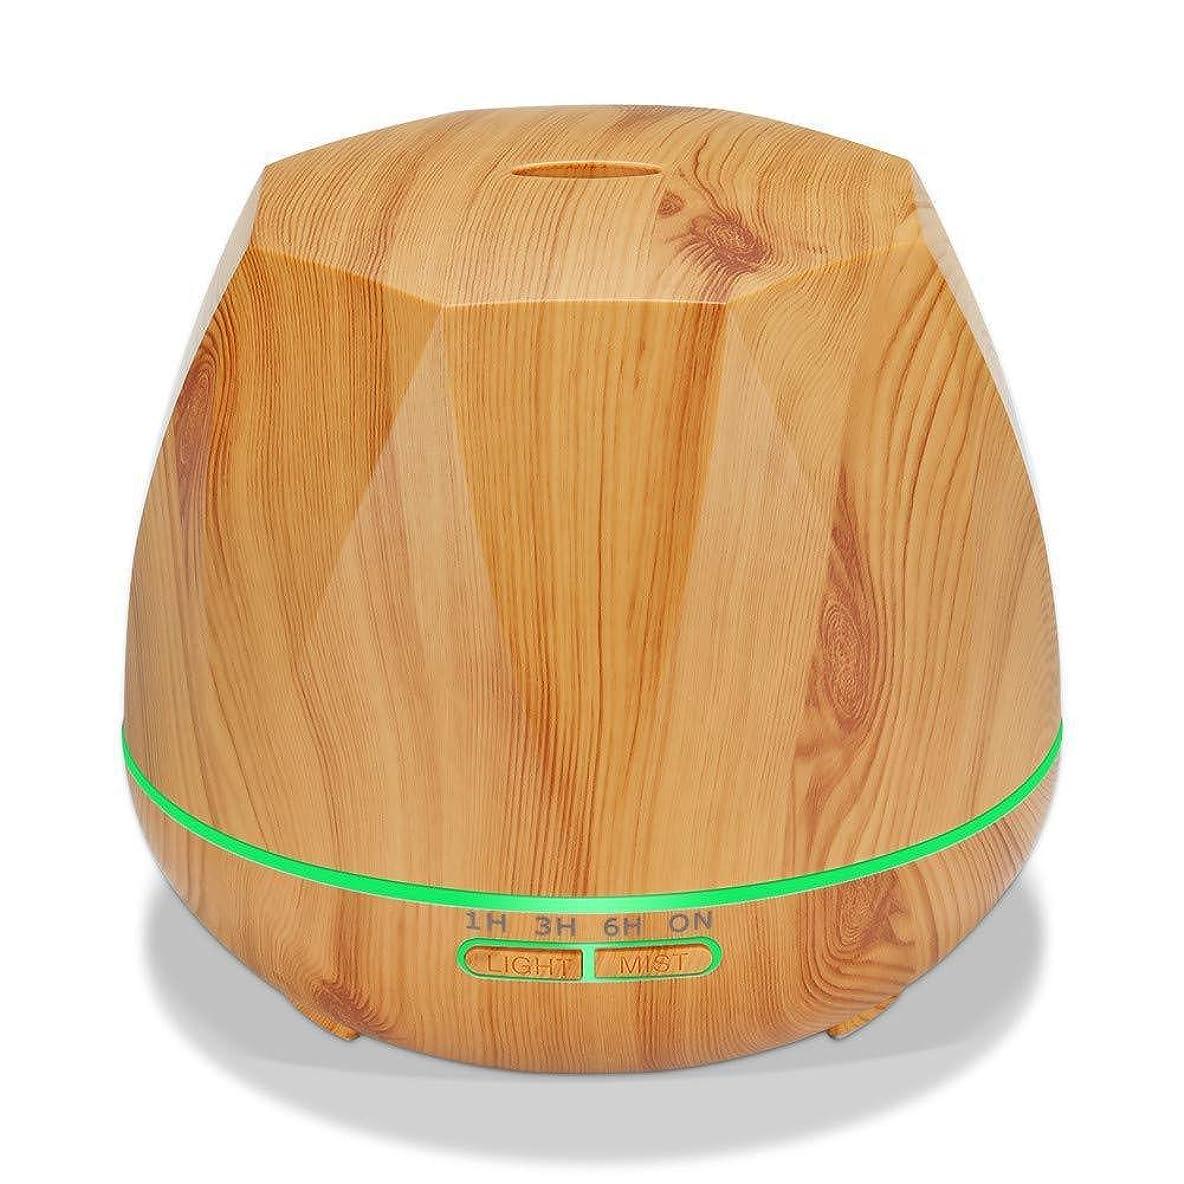 アイドルドレス防ぐ木目 涼しい霧 加湿器,7 色 空気を浄化 加湿機 時間 デスクトップ 精油 ディフューザー アロマネブライザー Yoga ベッド 寮- 300ml